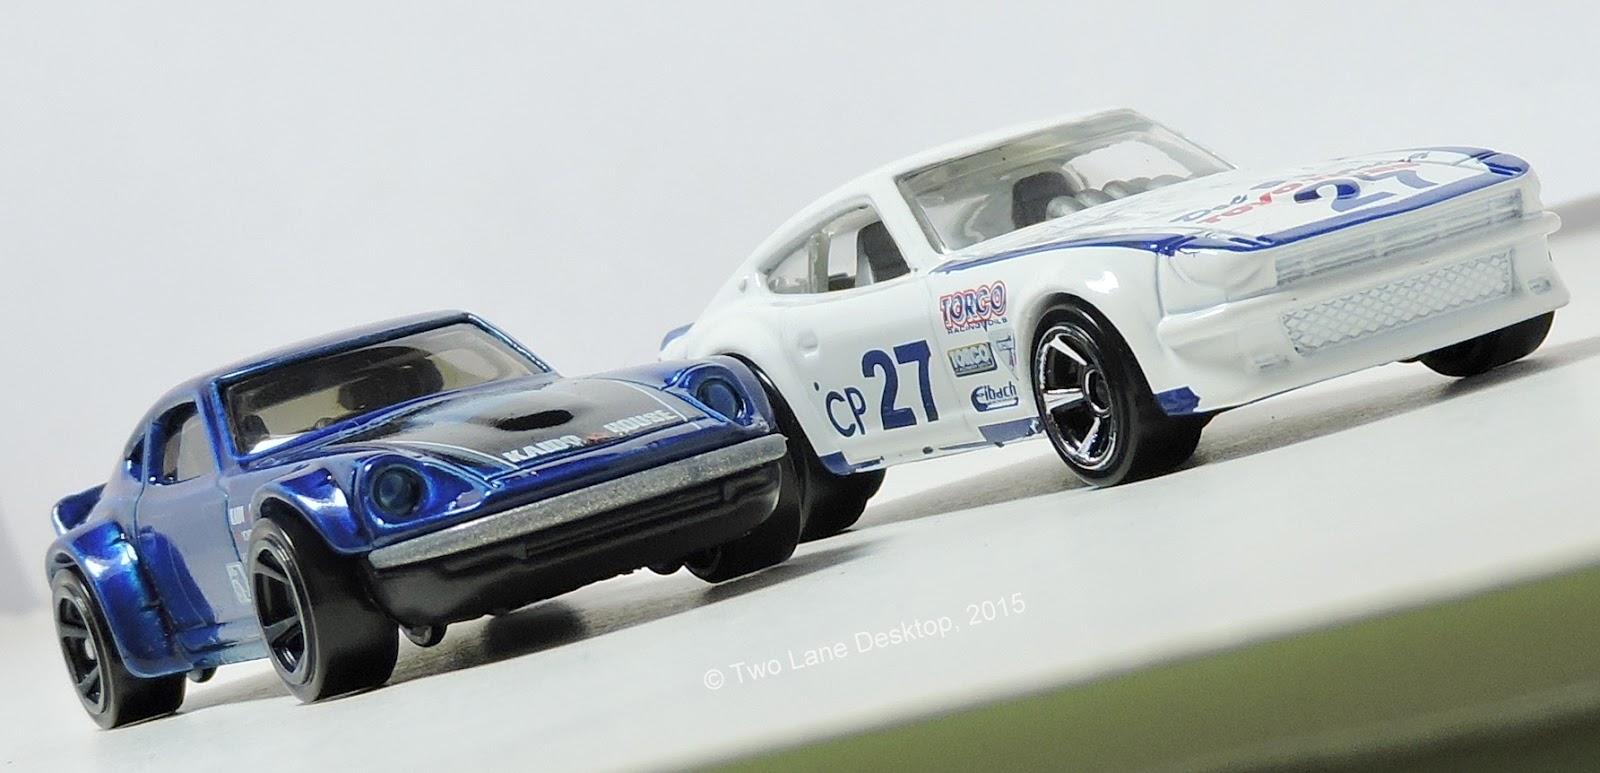 Hot Wheels Nissan Fairlady Z and Datsun 240Z | Two Lane Desktop